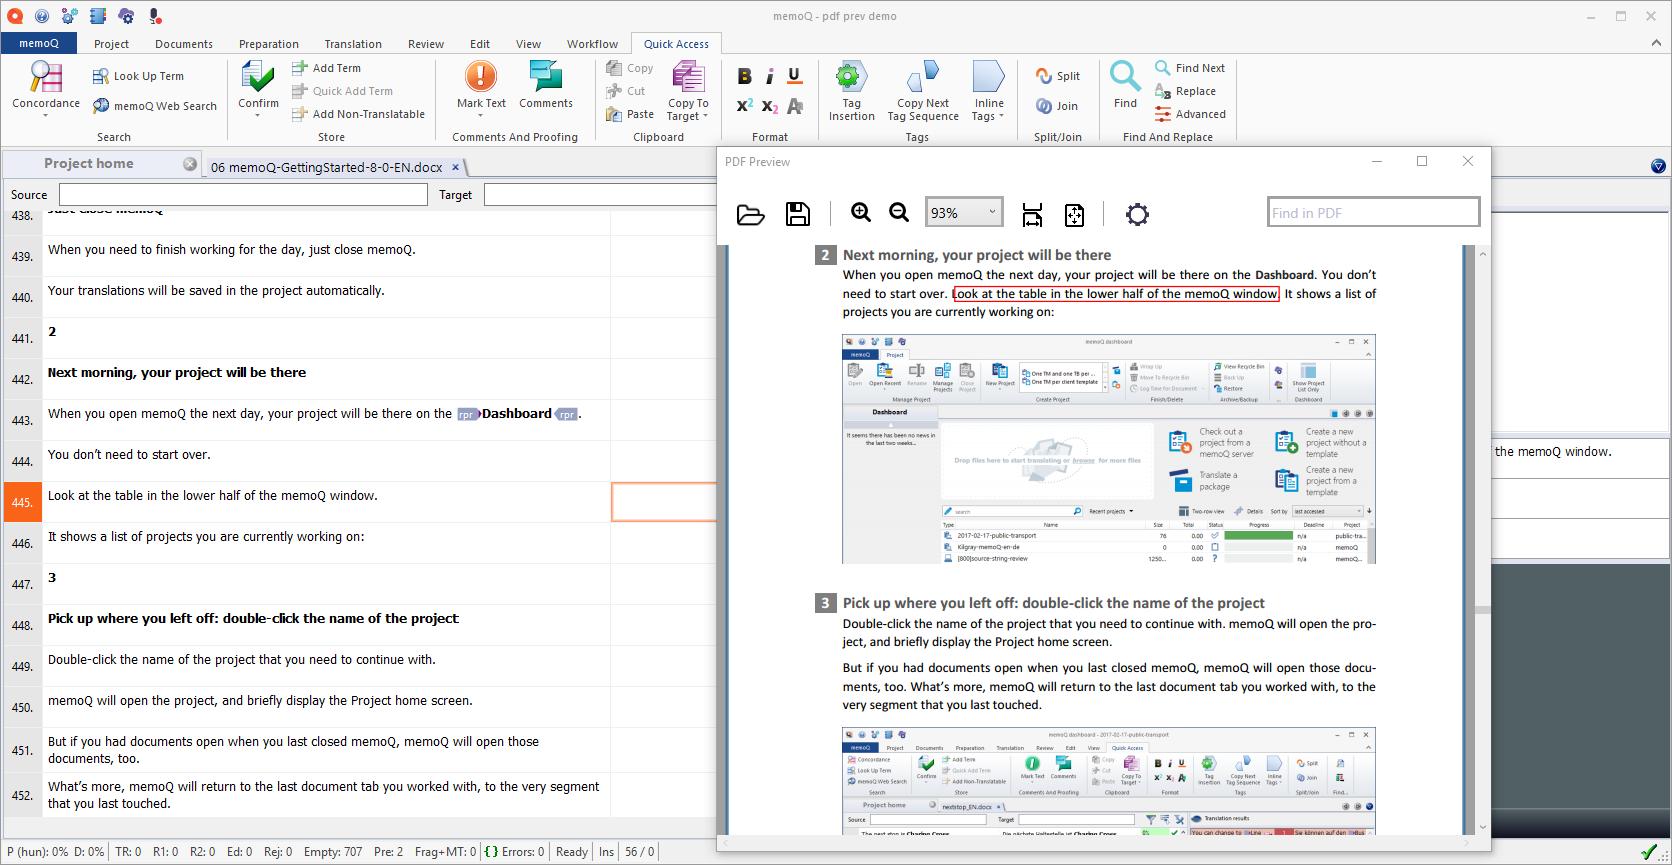 memoQ_PDF_Preview_Tool